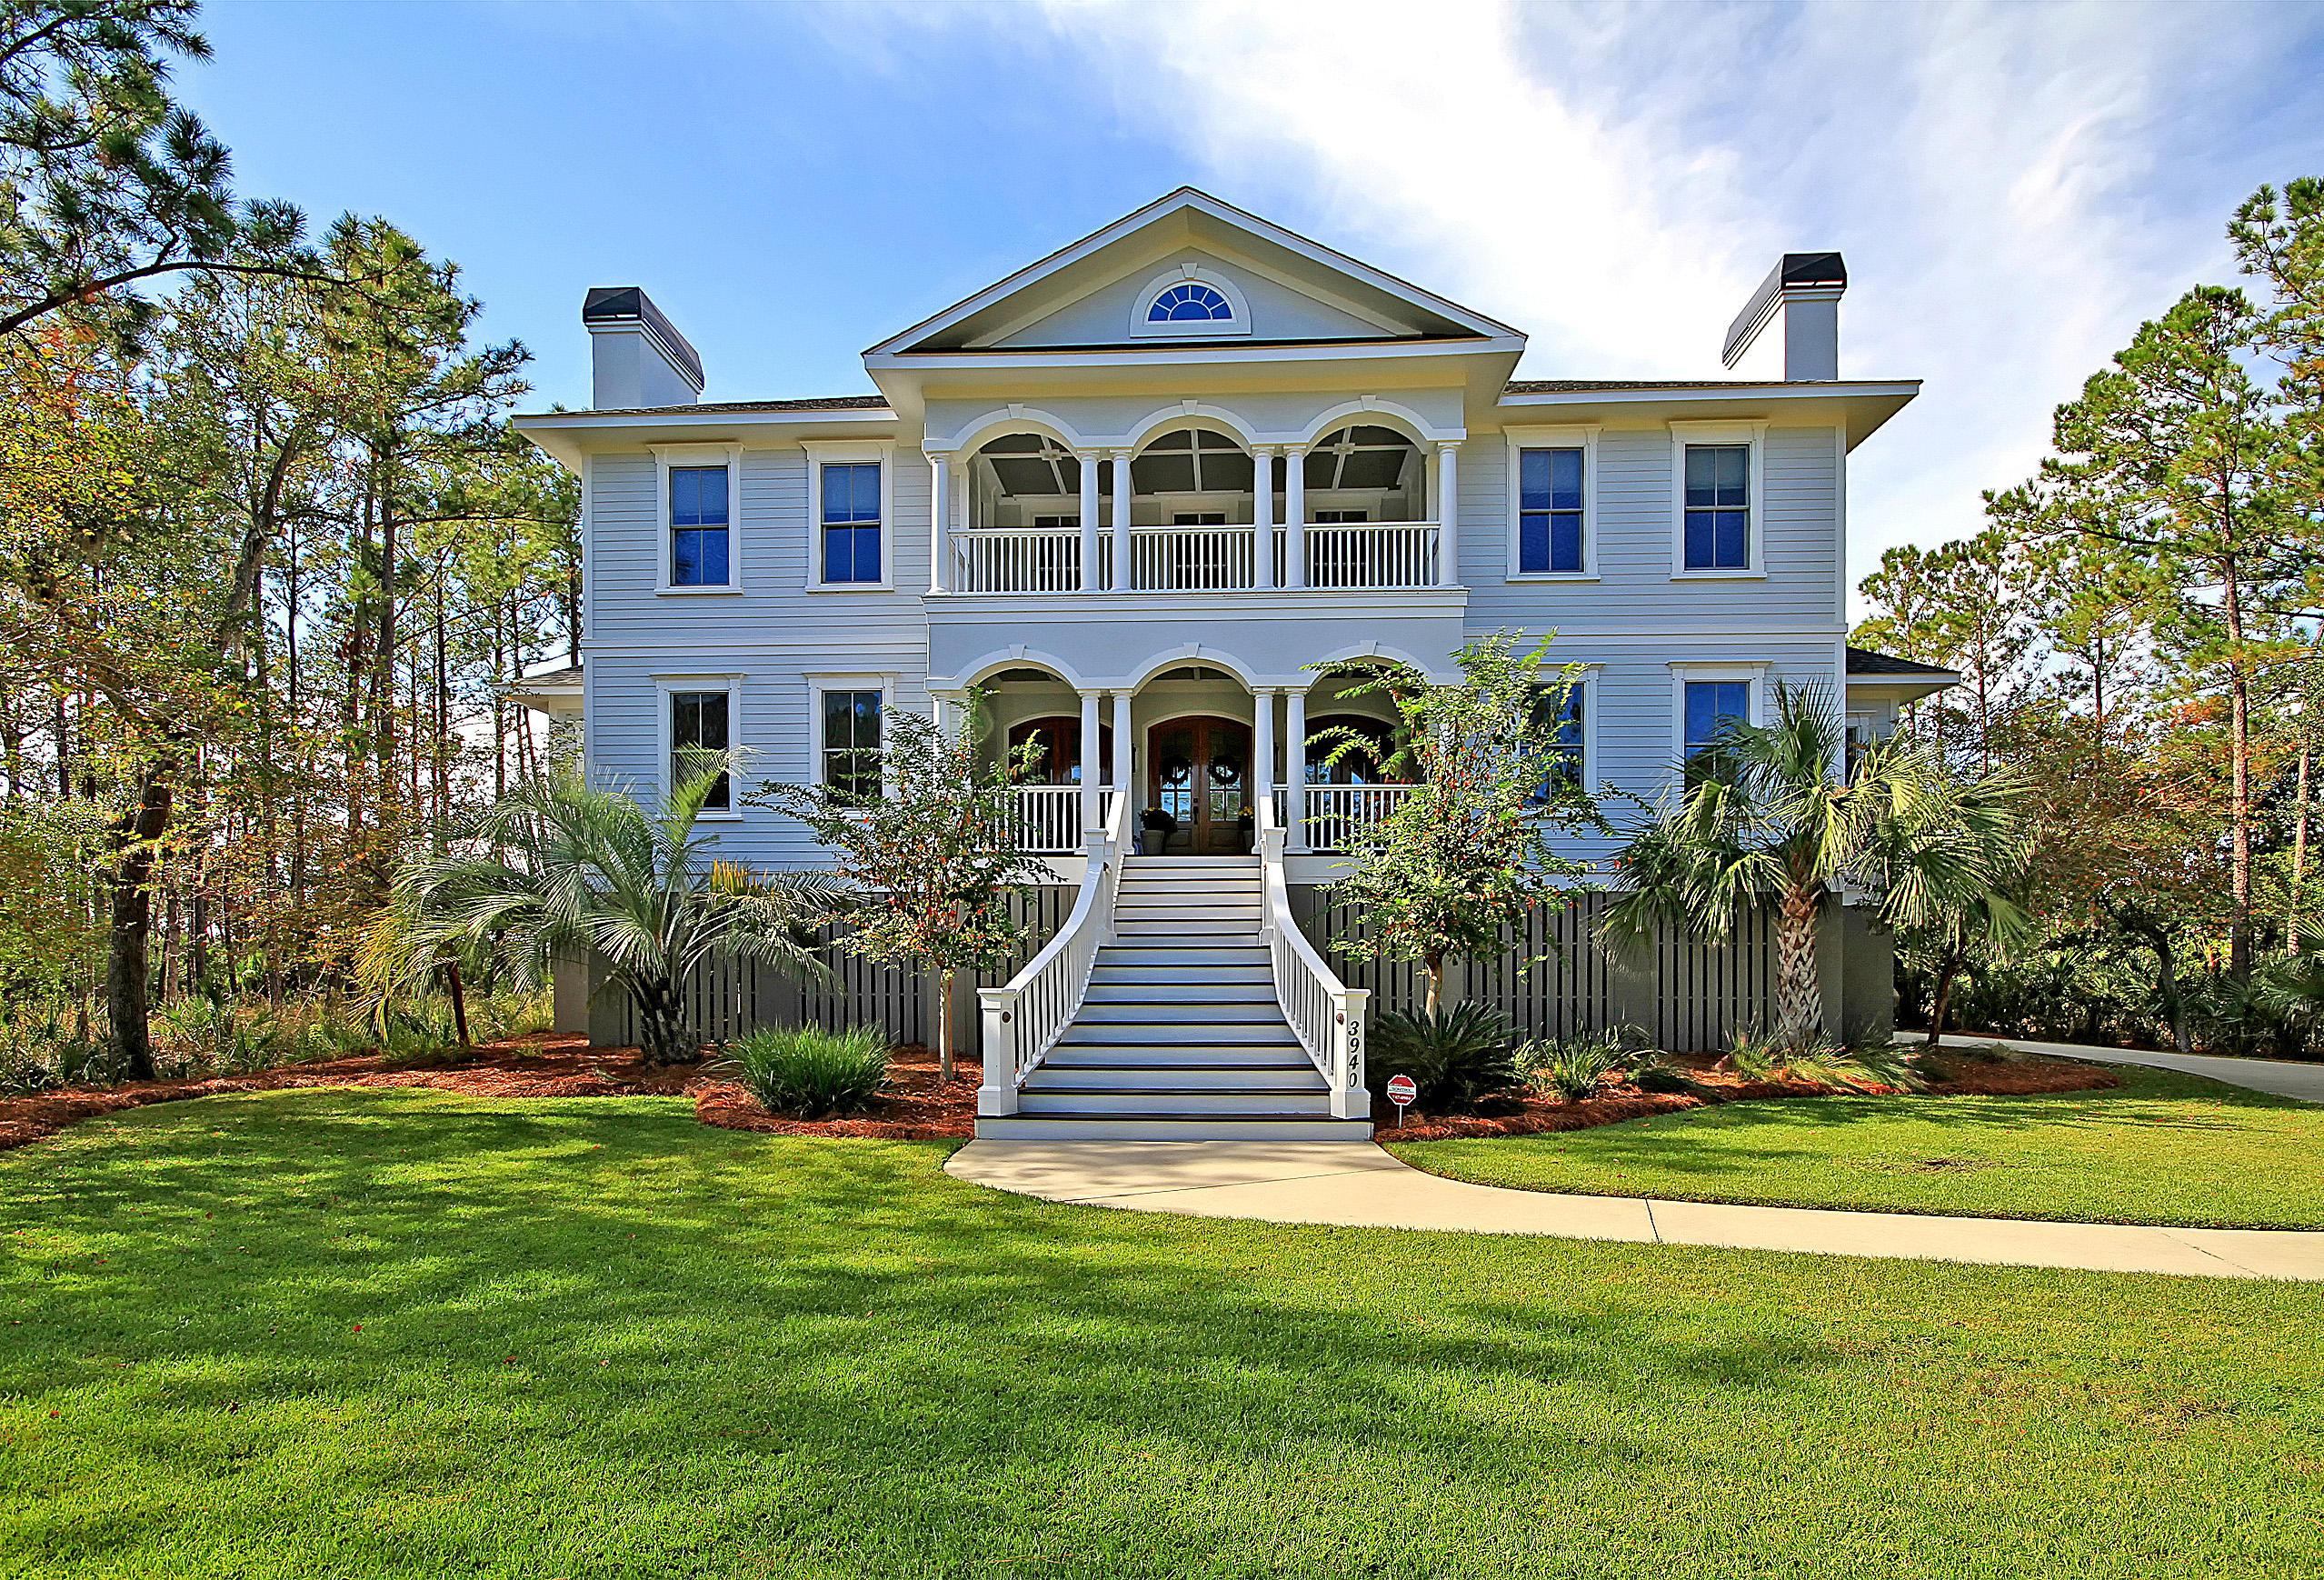 Park West Homes For Sale - 3940 Ashton Shore, Mount Pleasant, SC - 4